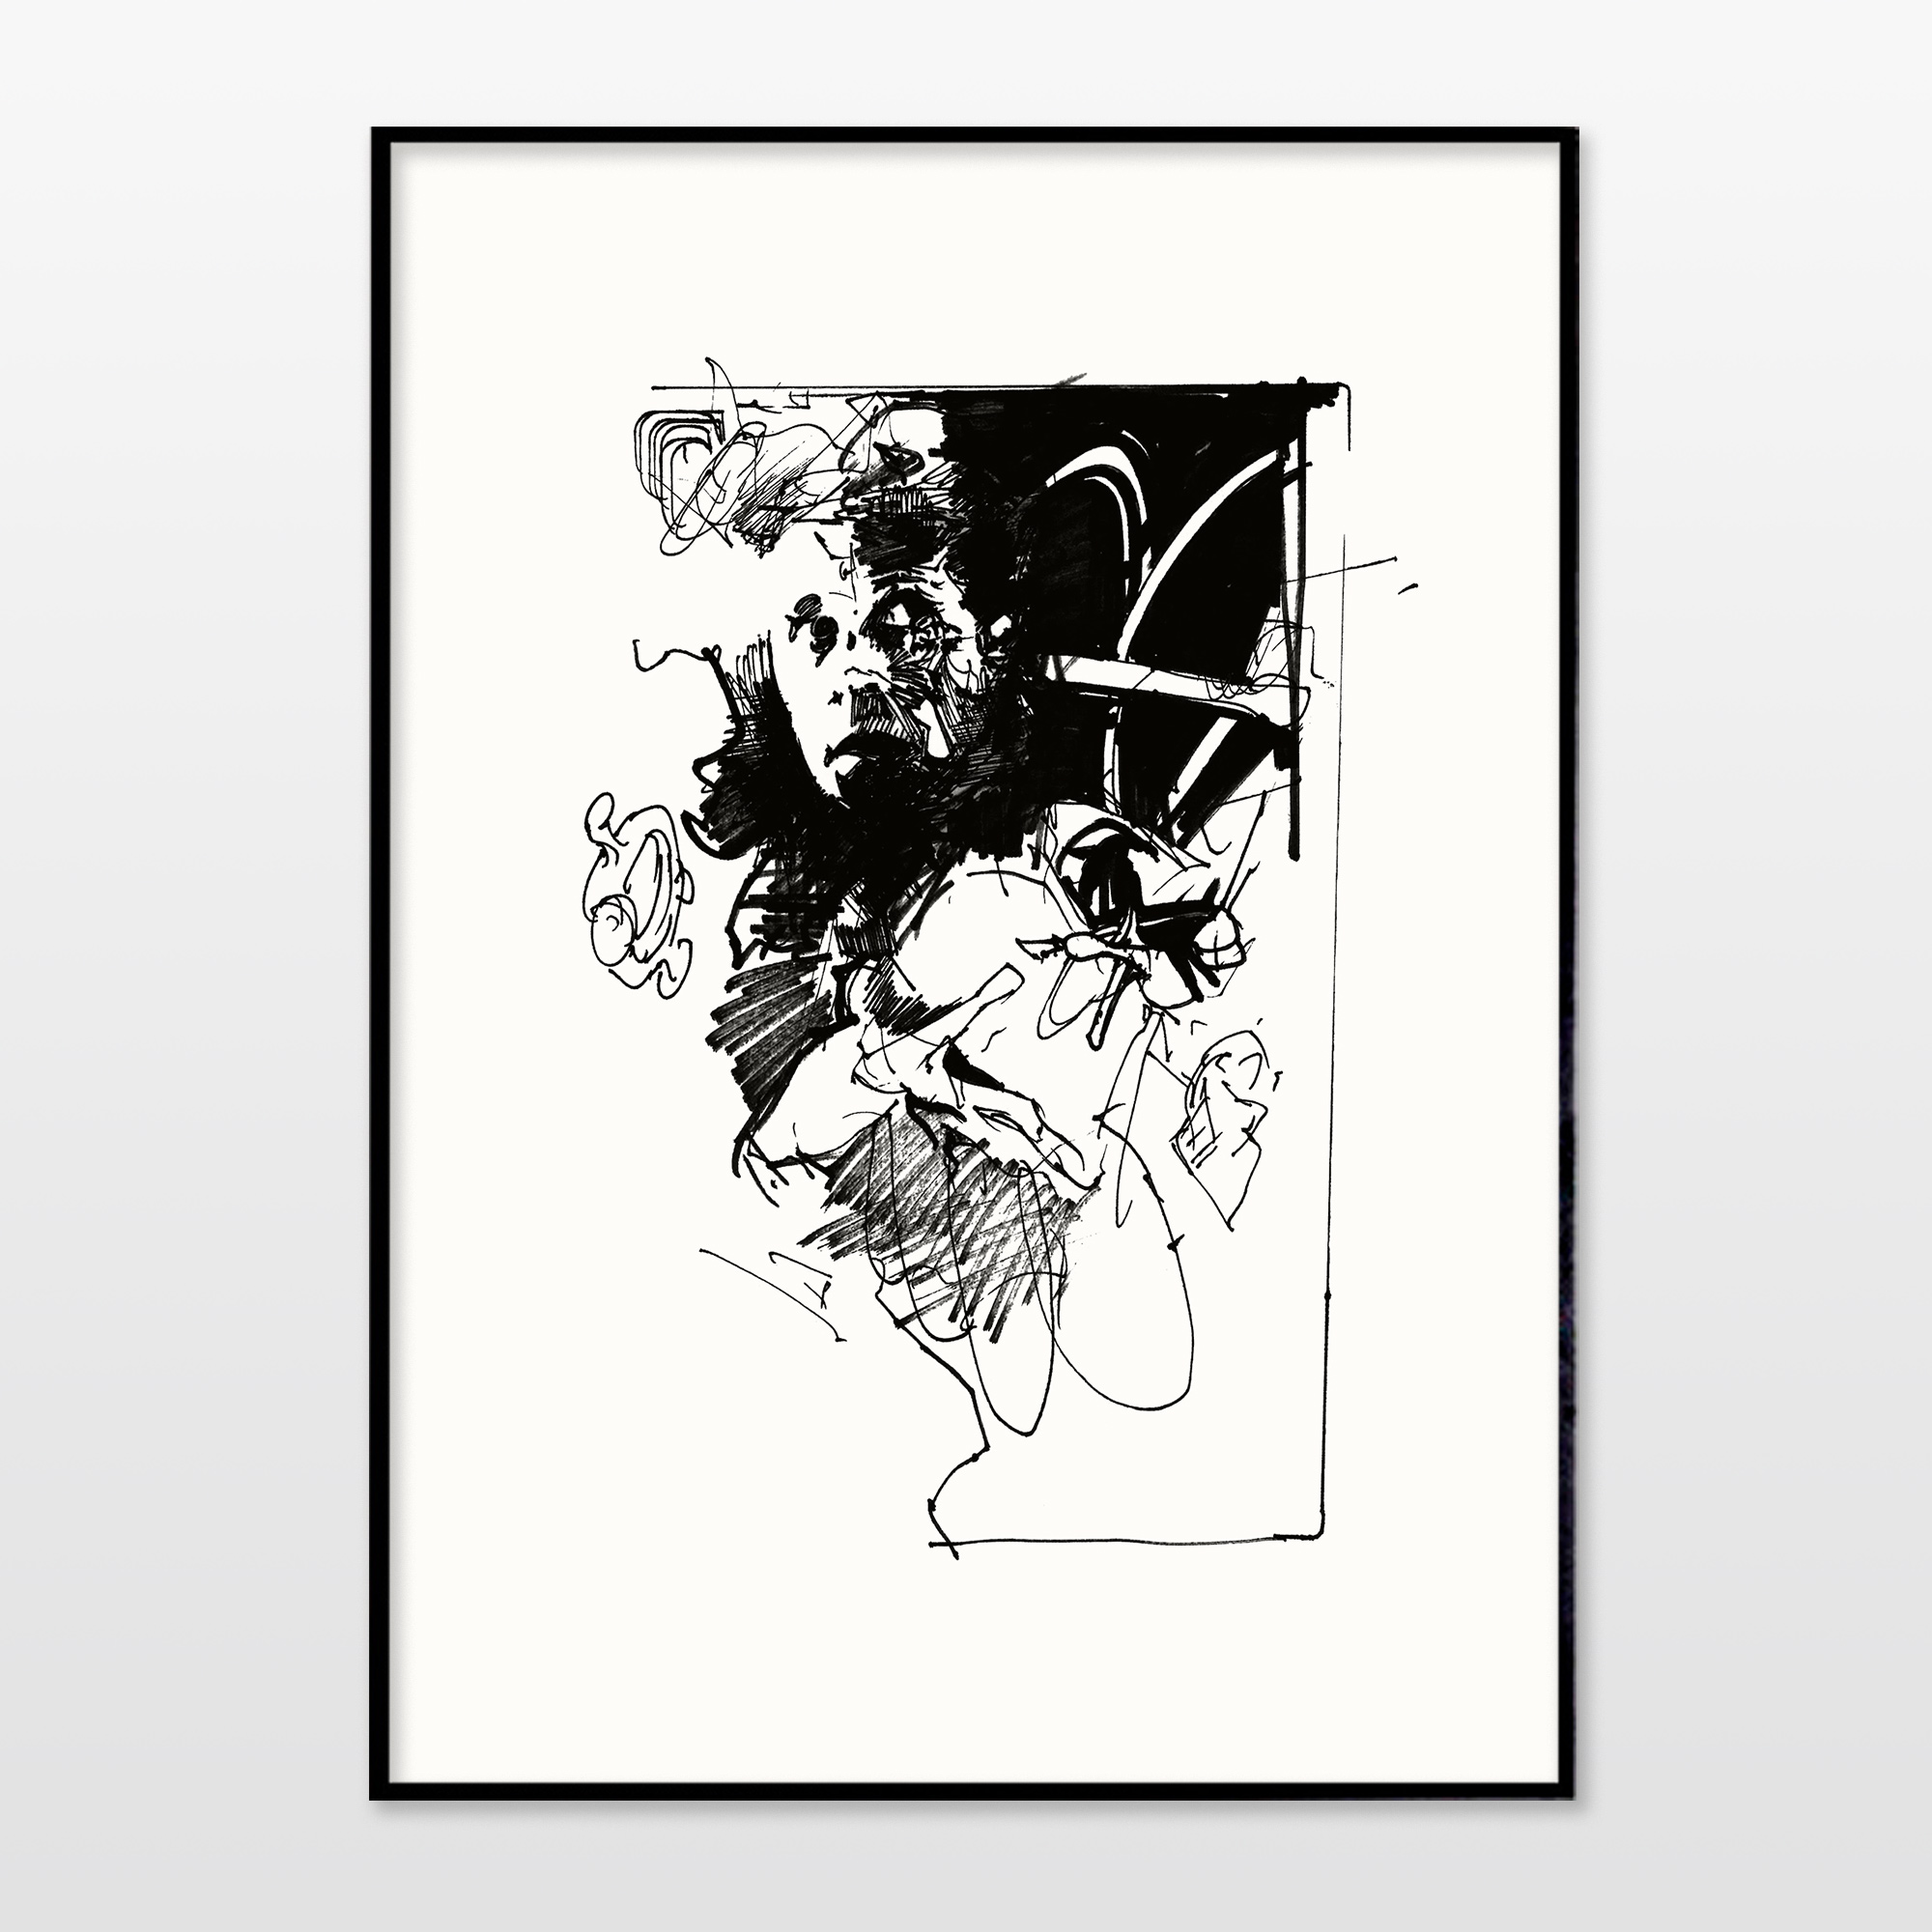 plakater-posters-kunsttryk, giclee-tryk, abstrakte, ekspressionistiske, figurative, portræt, mønstre, mennesker, sorte, hvide, blæk, papir, sort-hvide, samtidskunst, dansk, dekorative, design, ekspressionisme, ansigter, interiør, bolig-indretning, moderne, moderne-kunst, nordisk, plakater, tryk, skandinavisk, Køb original kunst og kunstplakater. Malerier, tegninger, limited edition kunsttryk & plakater af dygtige kunstnere.